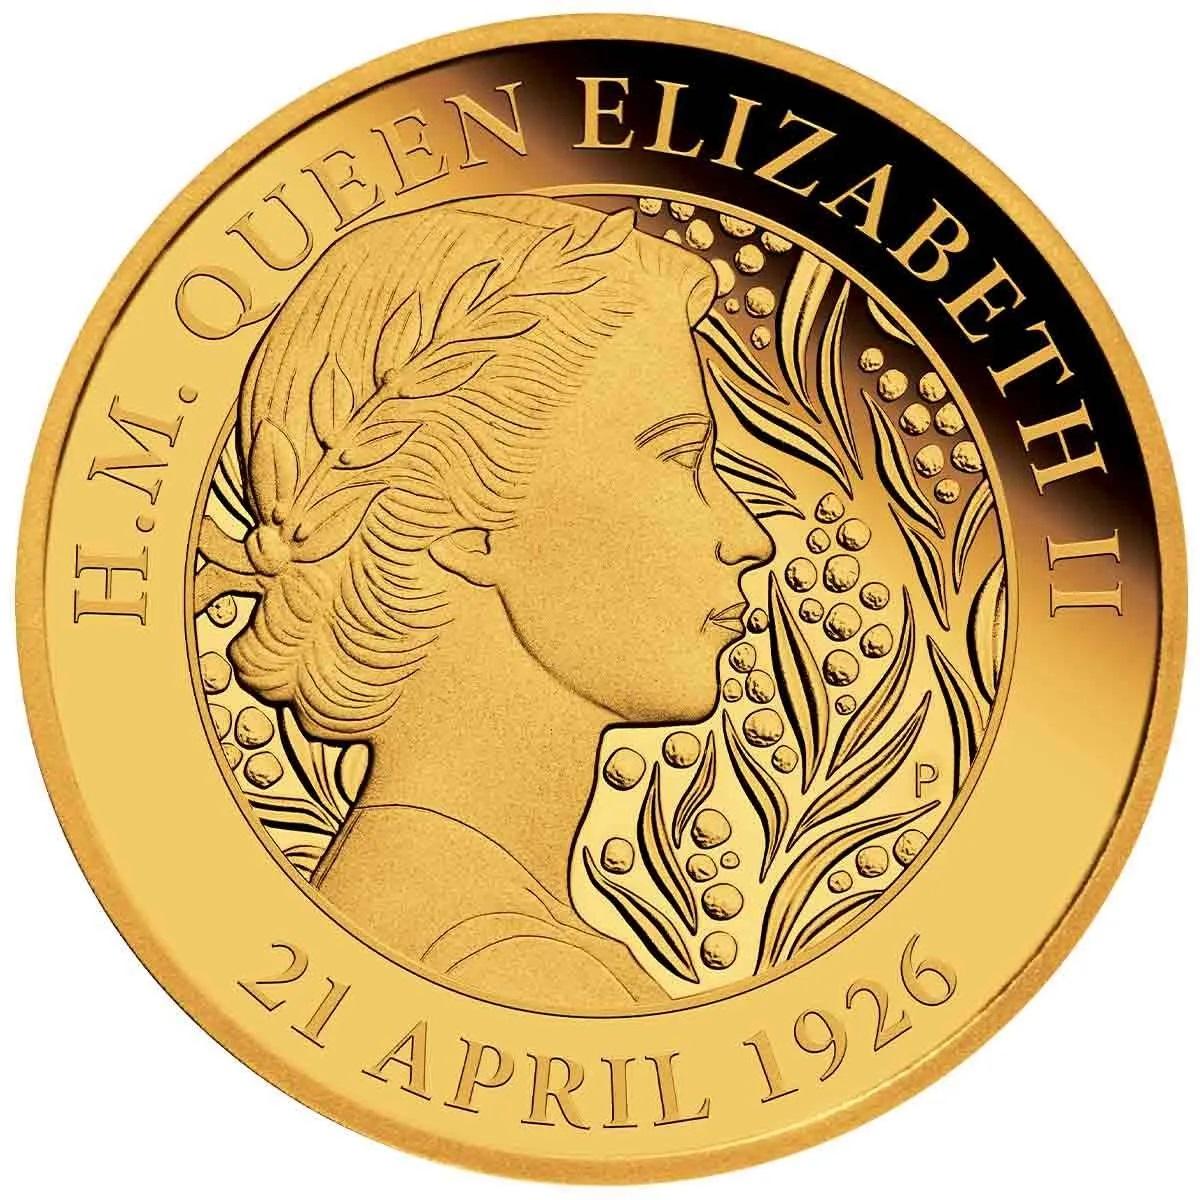 Австралия 25 доллара к 95-летию со дня рождения королевы Елизаветы II, реверс